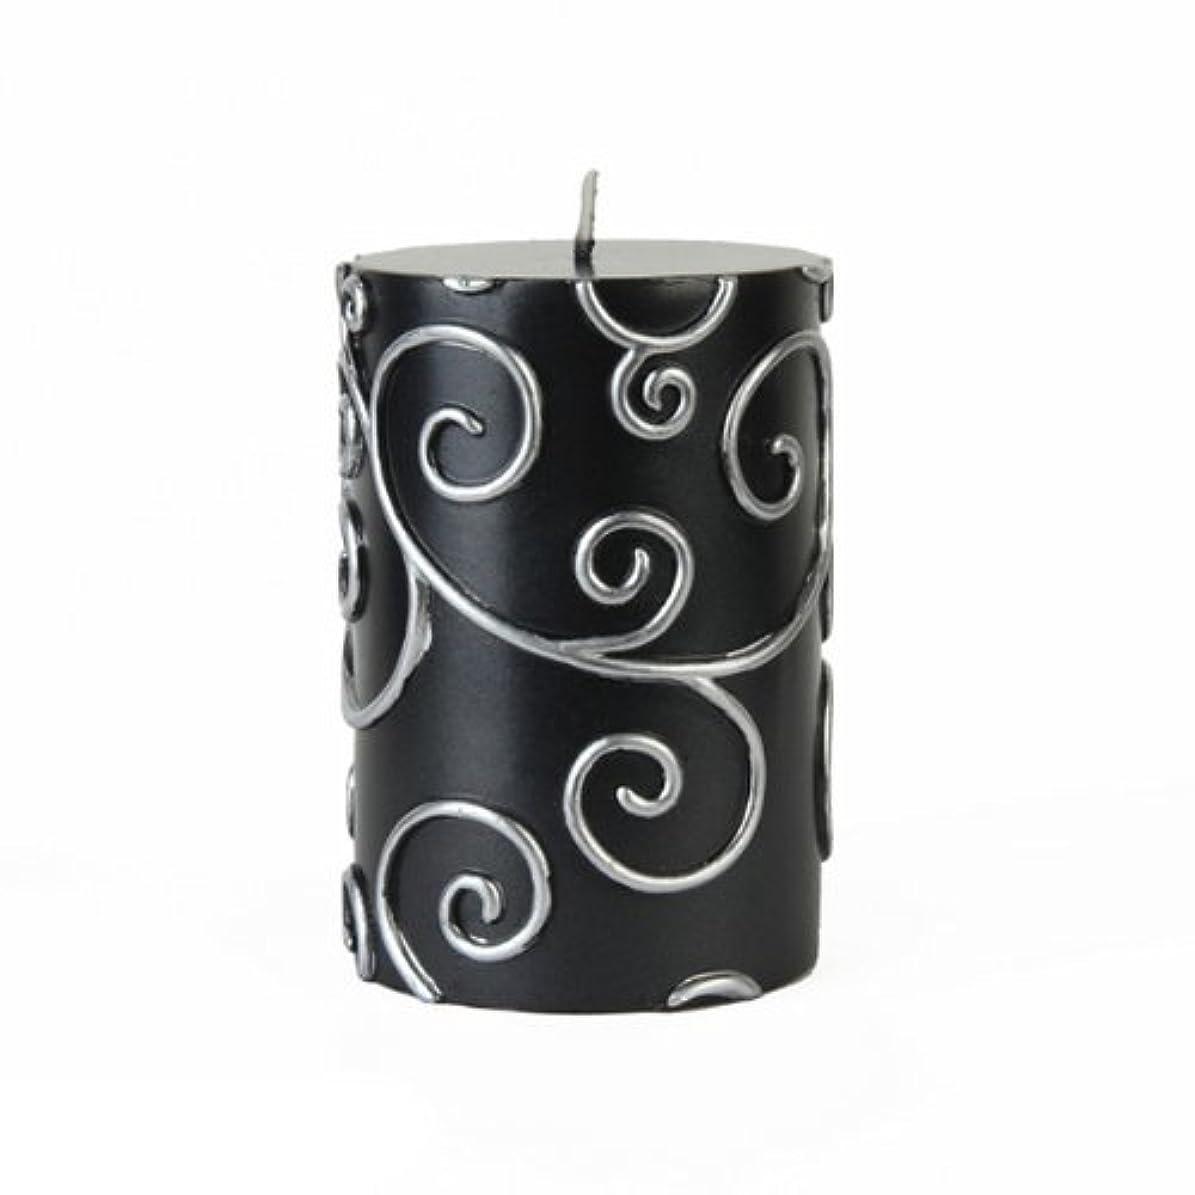 夜明け繰り返す熱心Zest Candle CPS-001_12 12-Piece Scroll Pillar Candle, 3' x 4', Black [並行輸入品]